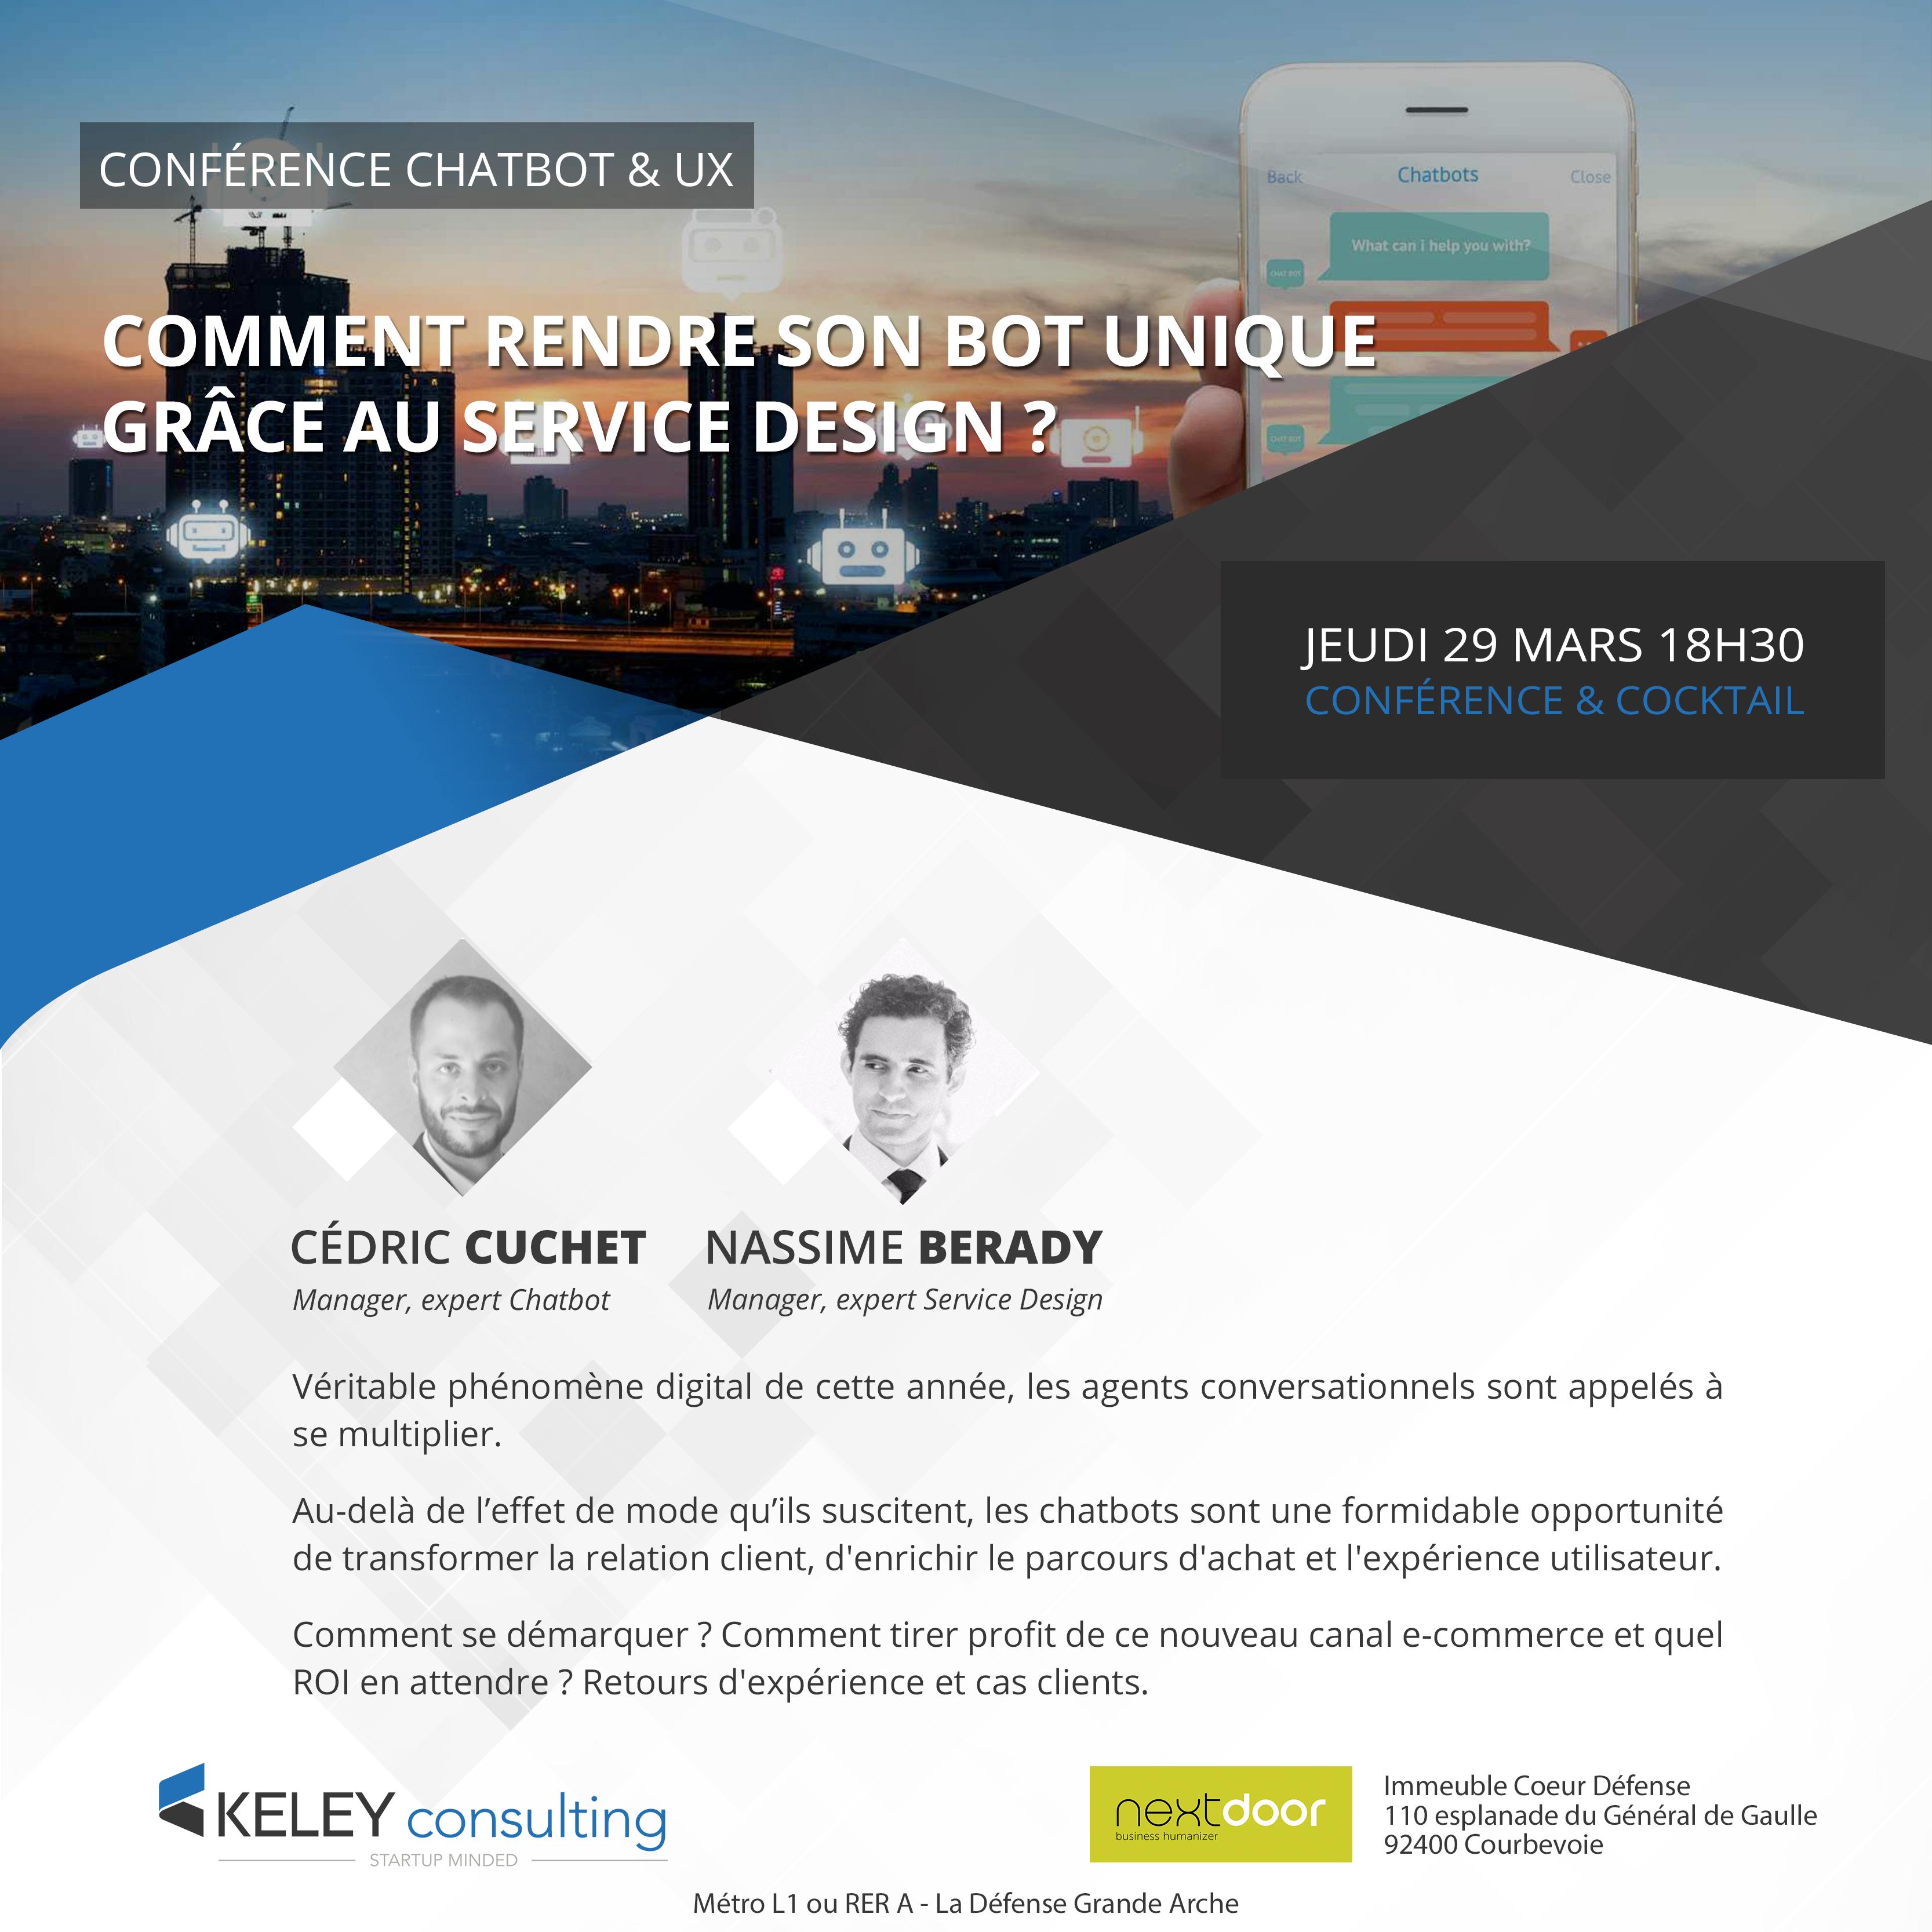 Conférence : Comment rendre son bot unique grâce au Service Design